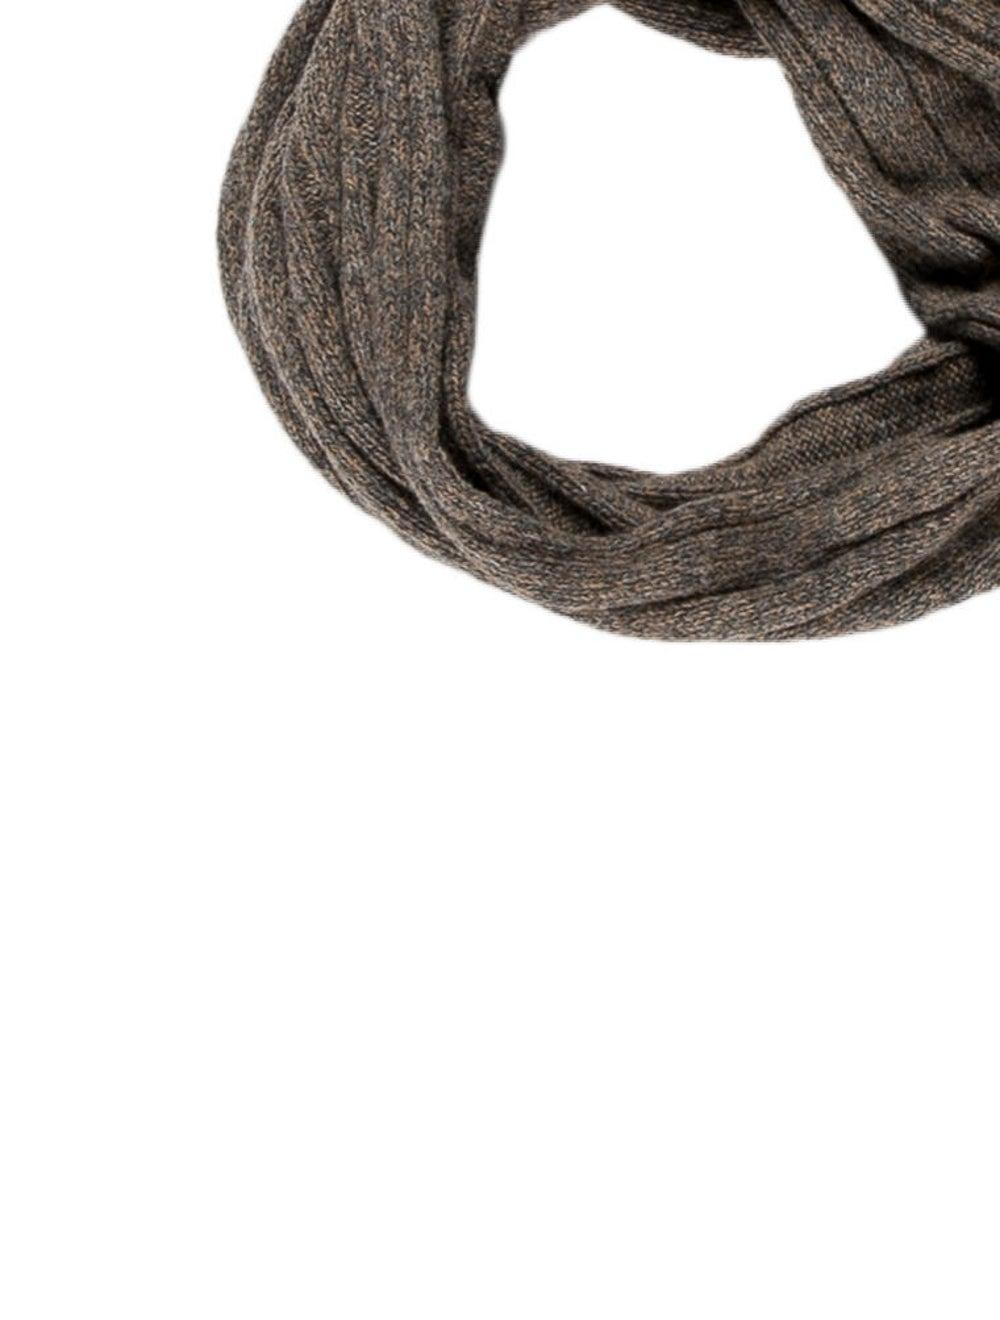 Theory Rib Knit Snood - image 2